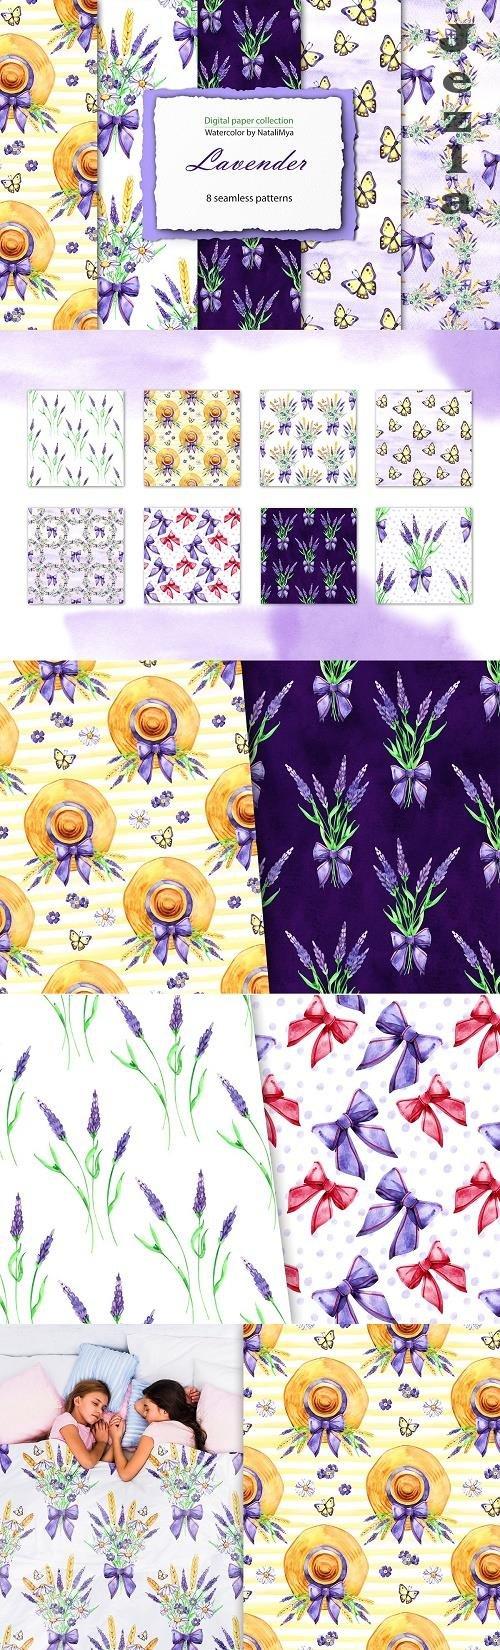 Watercolor lavender digital paper - 4767910